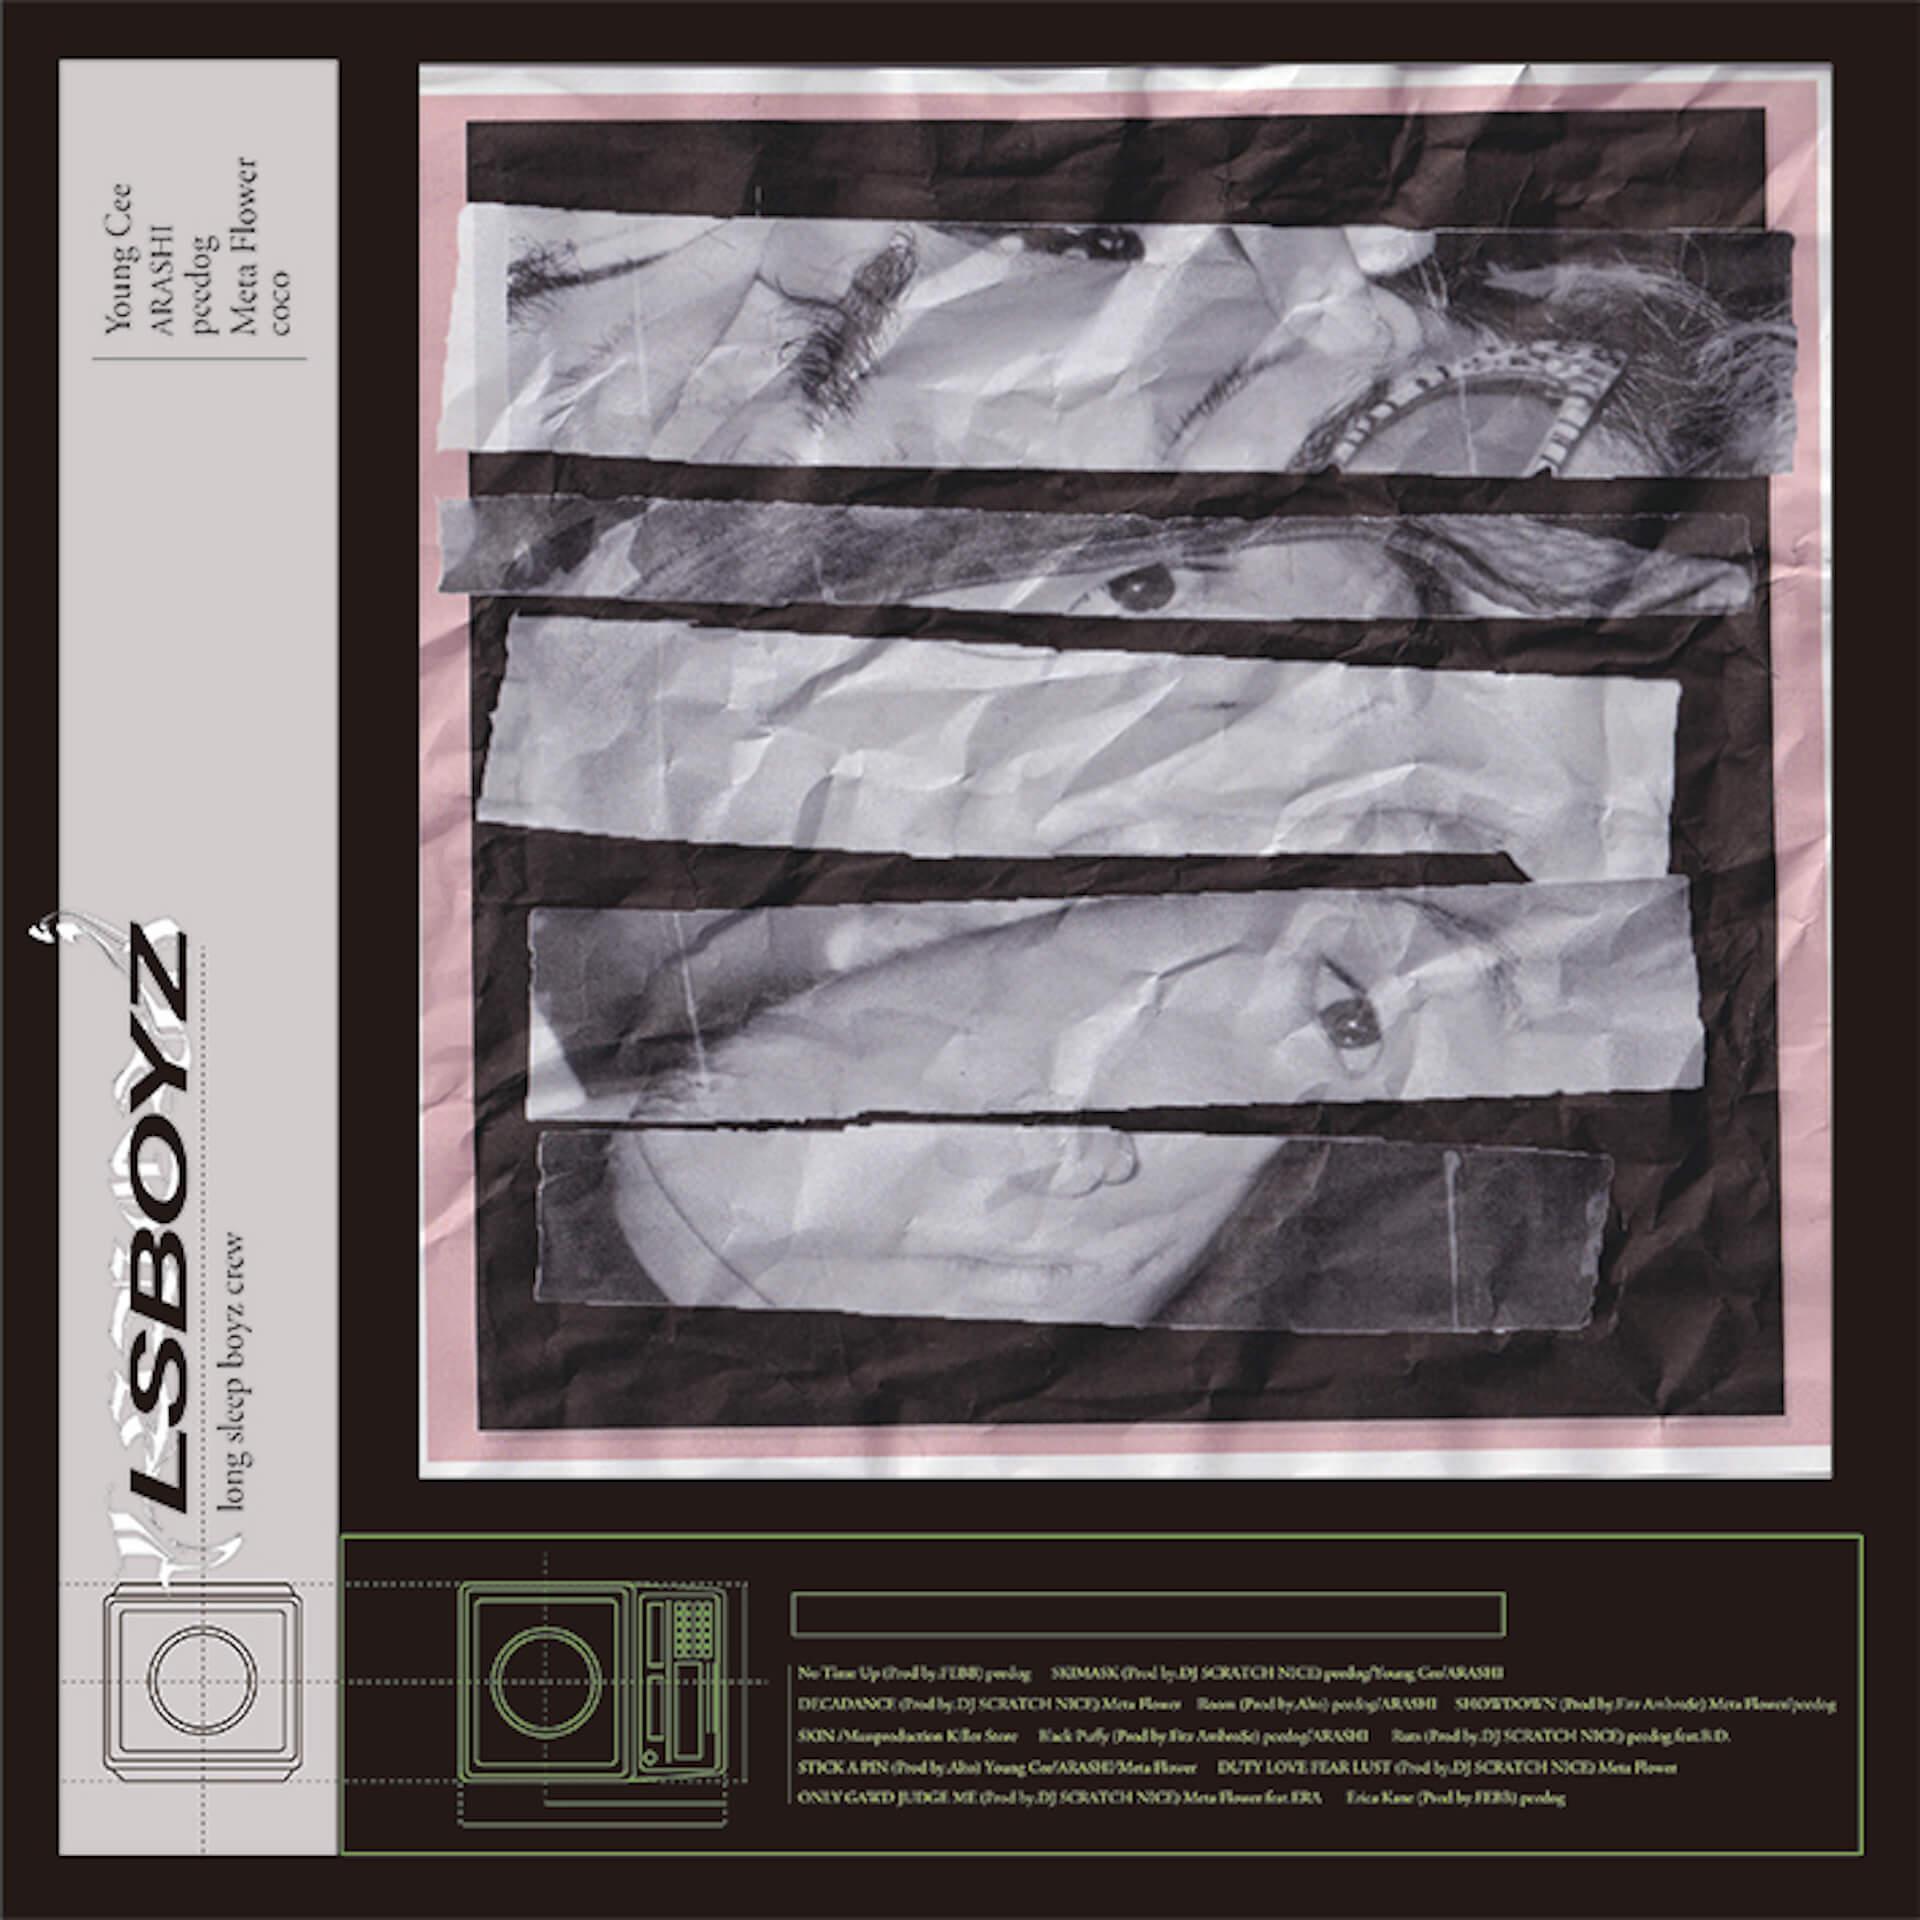 何かの変わる瞬間をみんな見たいはず──LSBOYZの1stアルバムがリリース。ERA、B.D.が客演、ALTO、febb、FITZ AMBRO$E、DJ SCRATCH NICEがトラックを提供 music201202-lsboyz-1